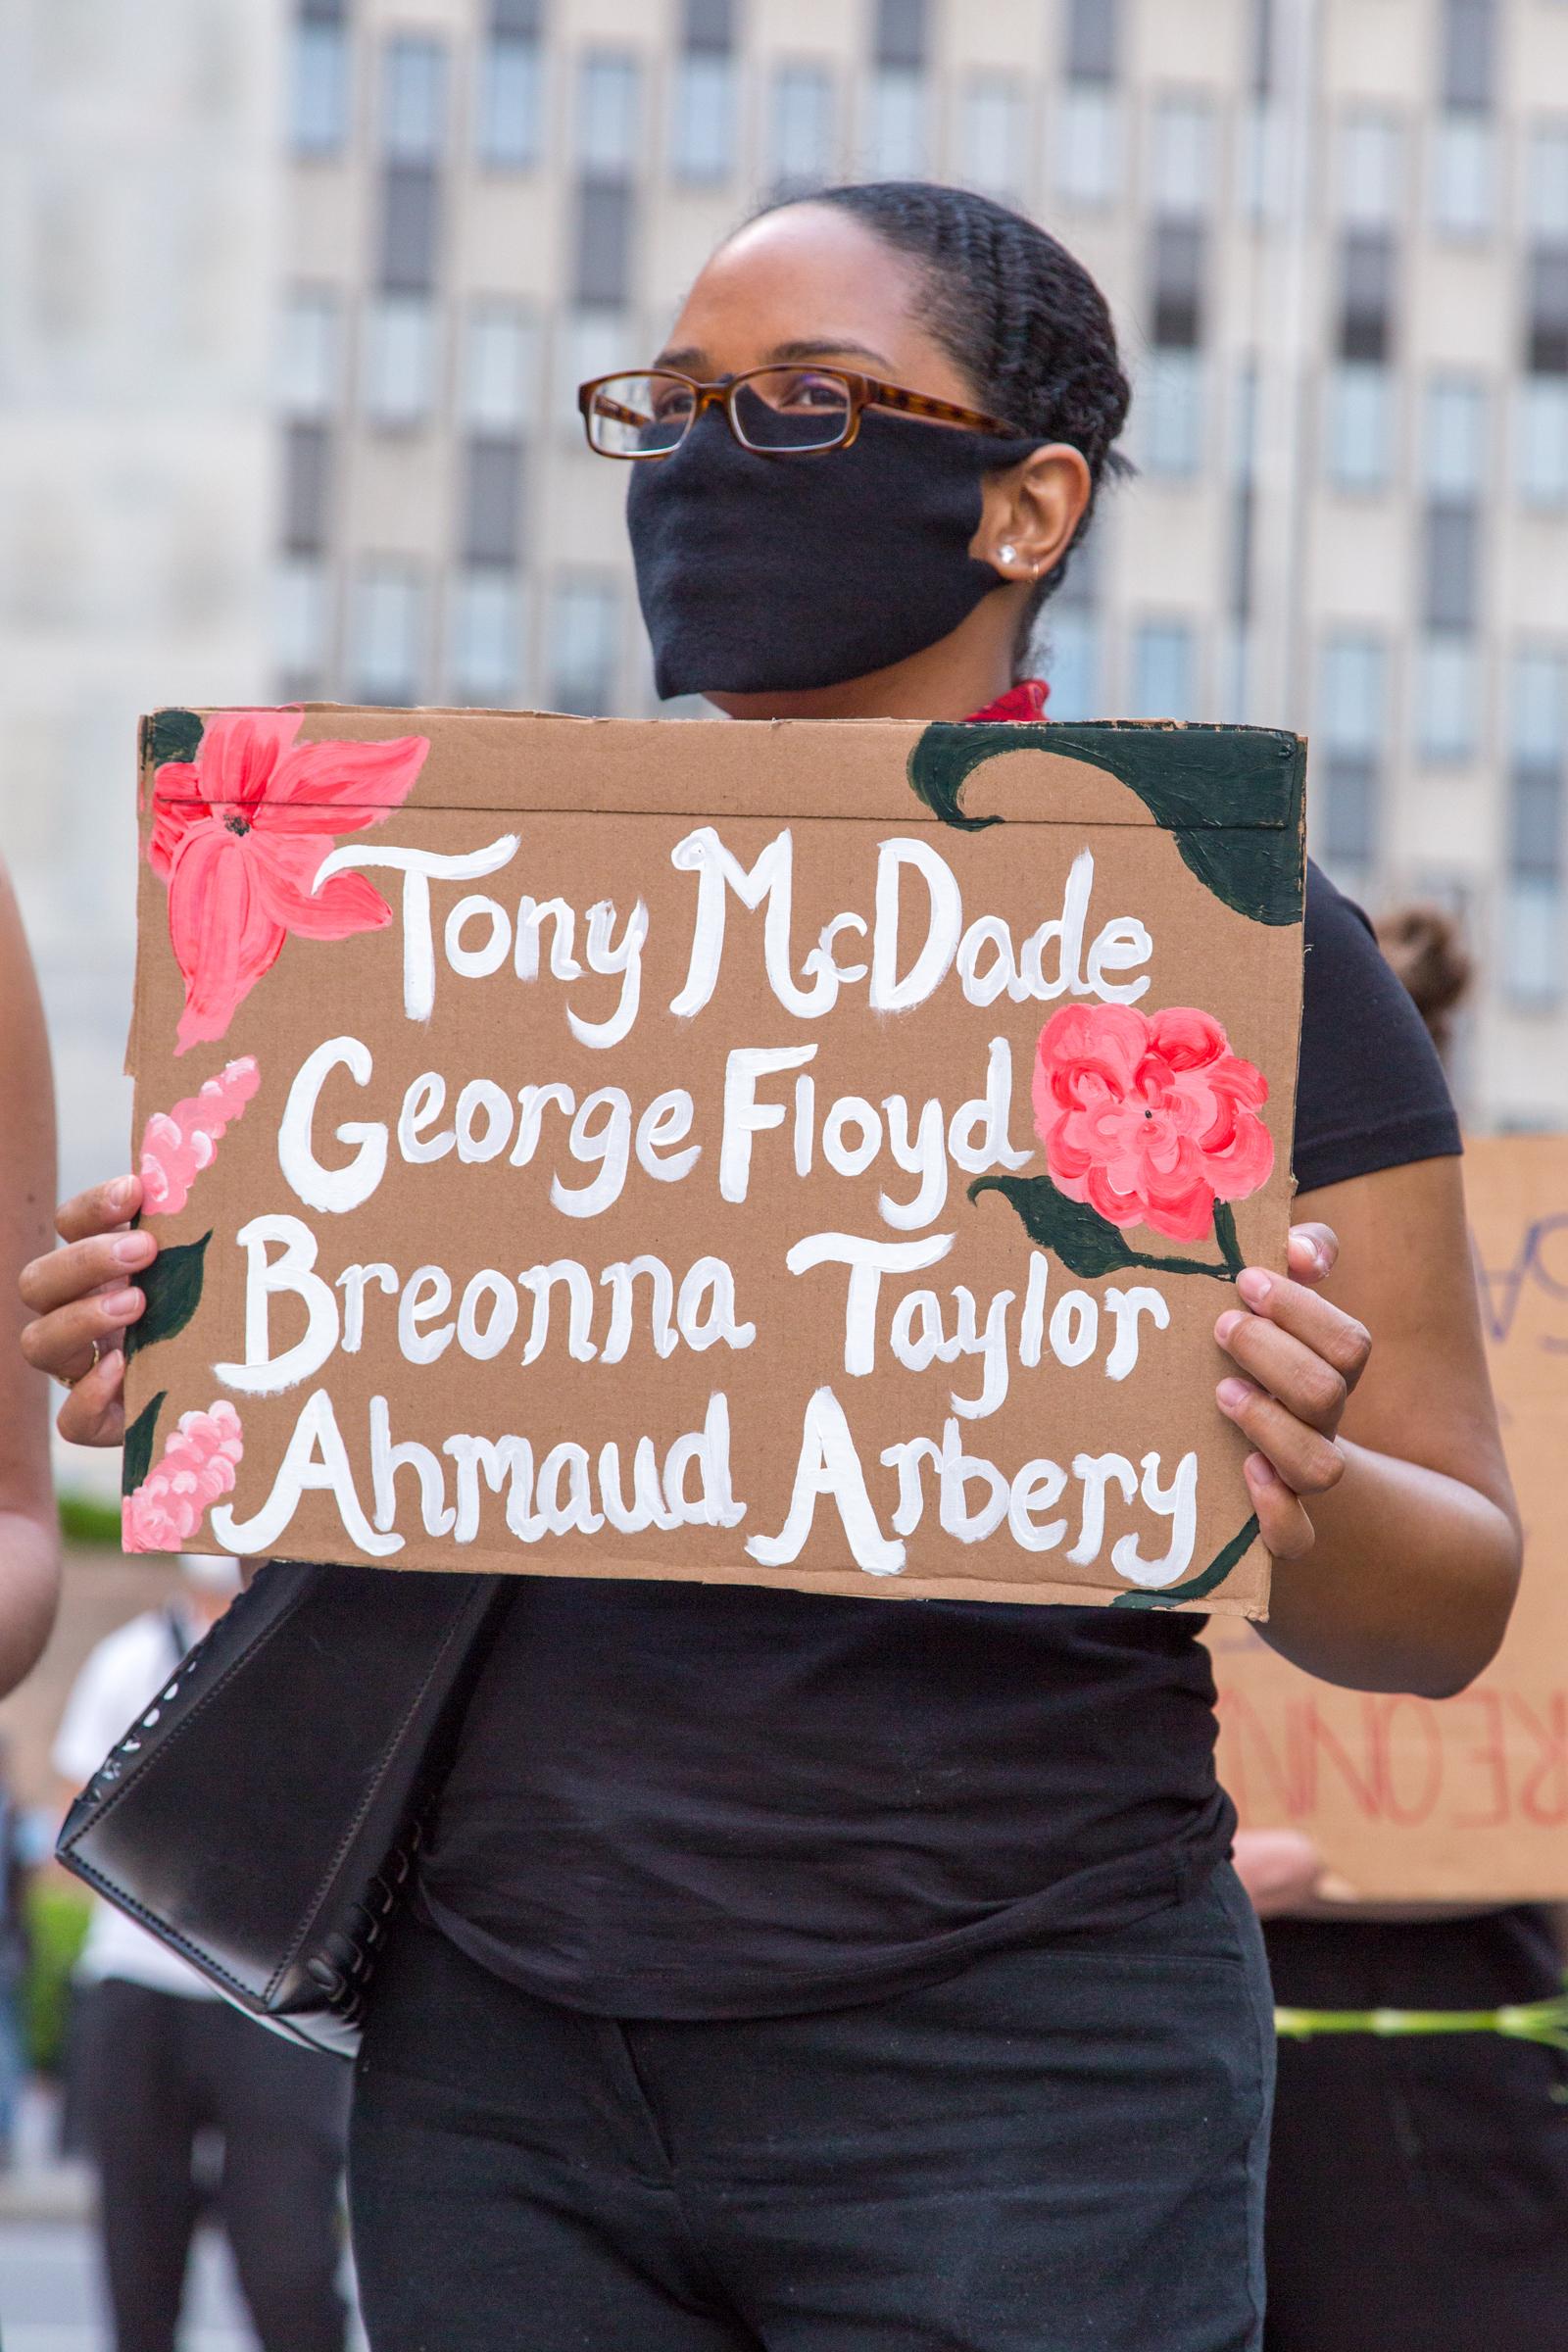 Tony McDade. George Floyd. Breonna Taylor. Ahmaud Arbery.